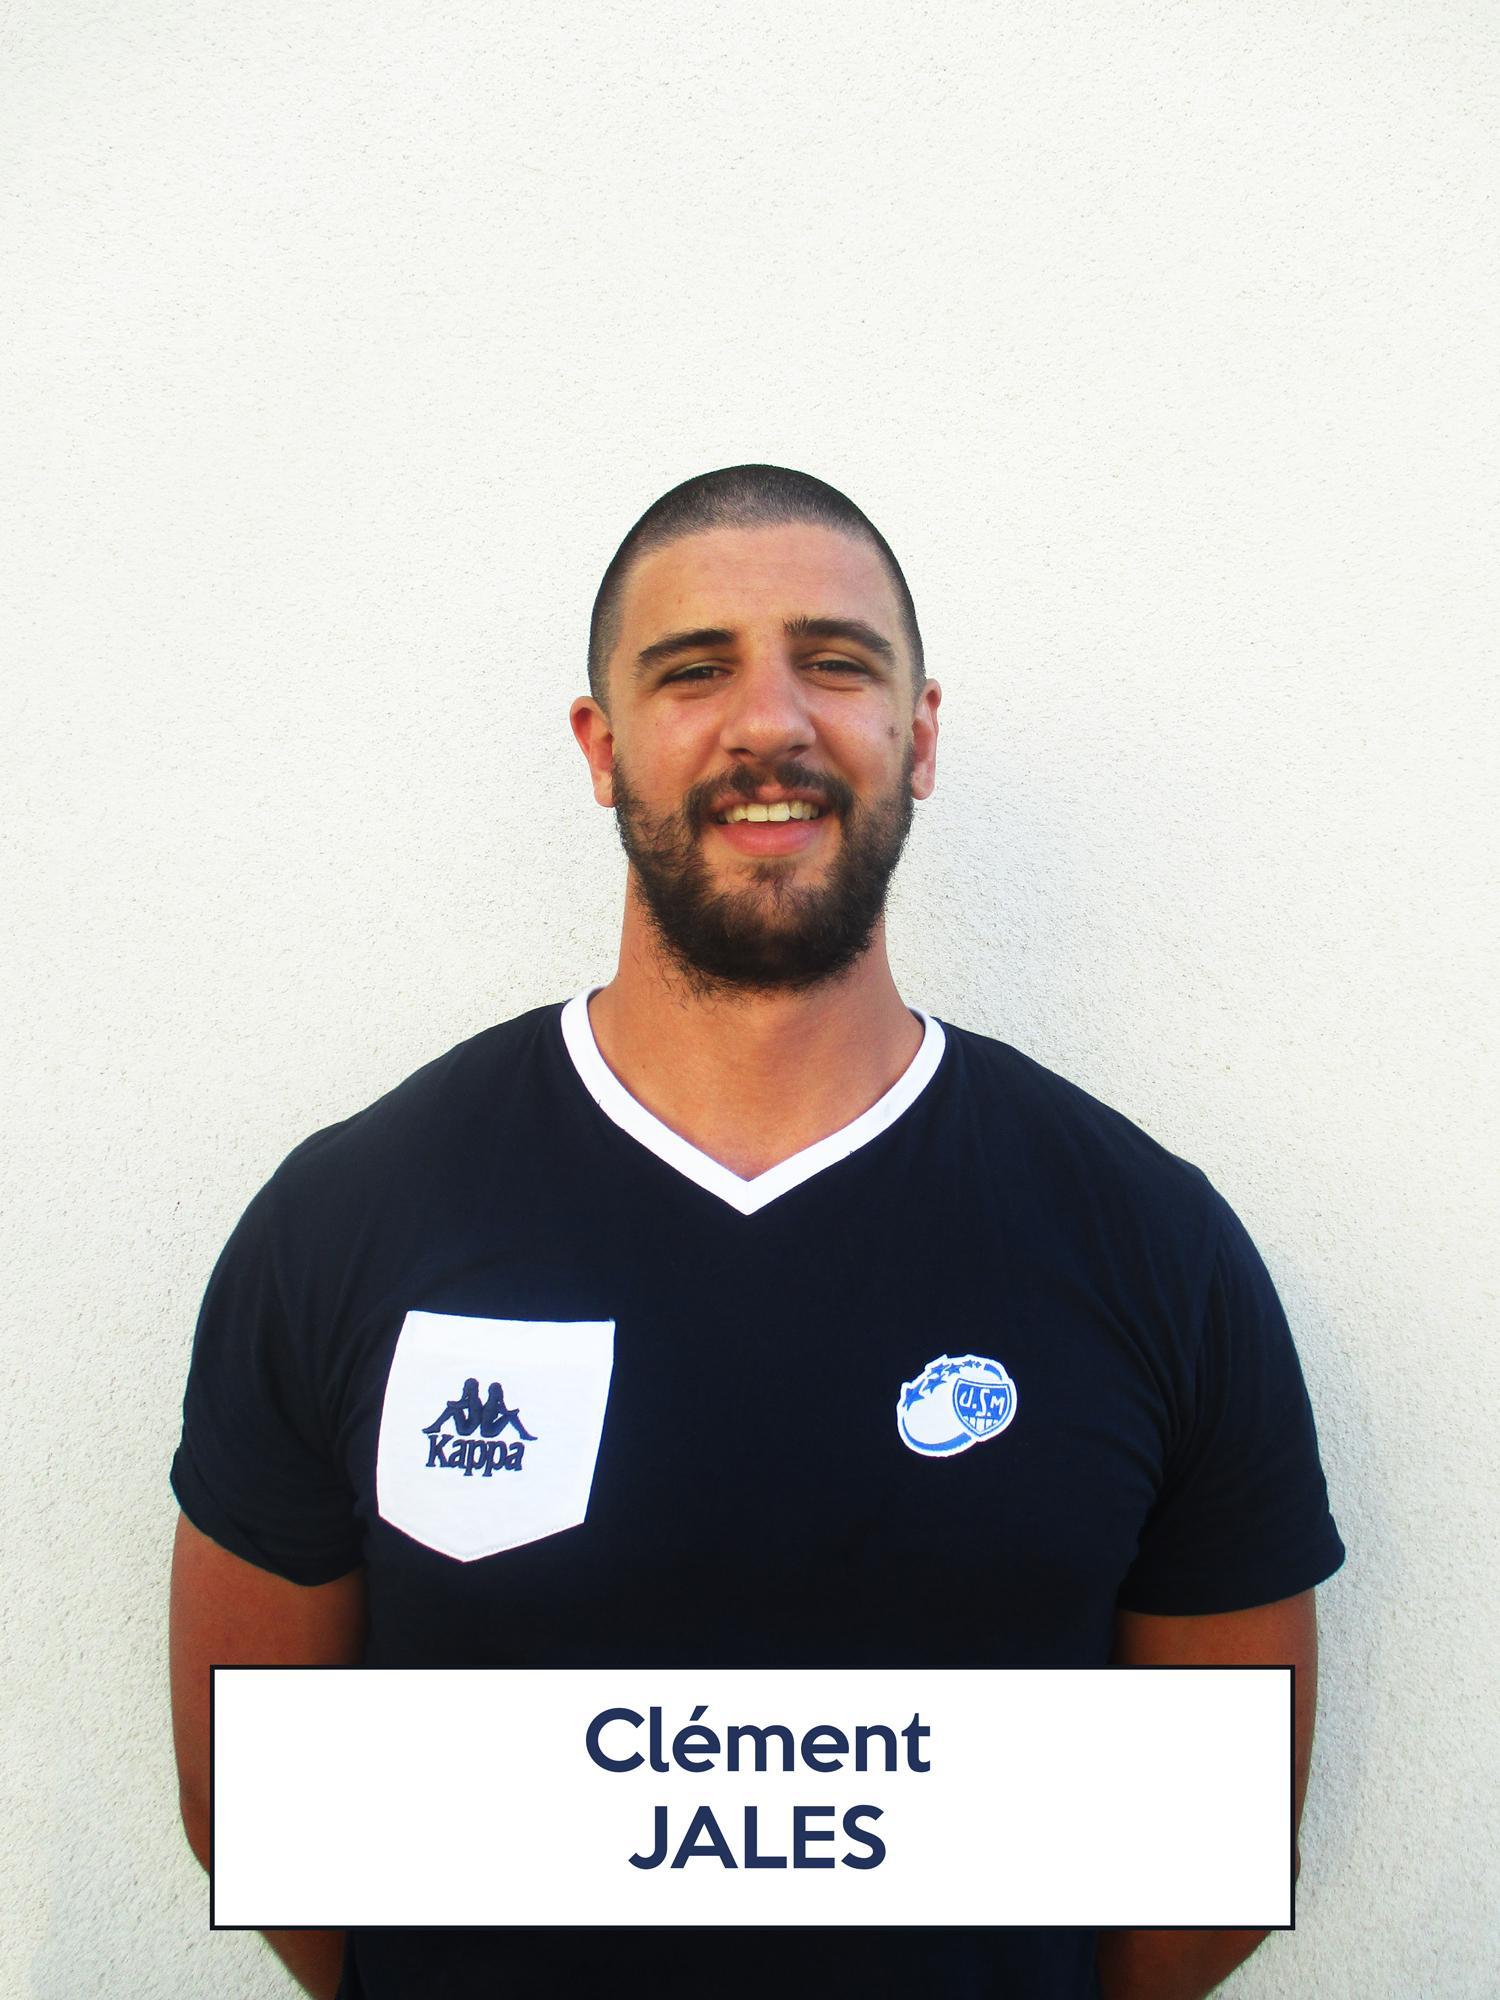 Clément Jales